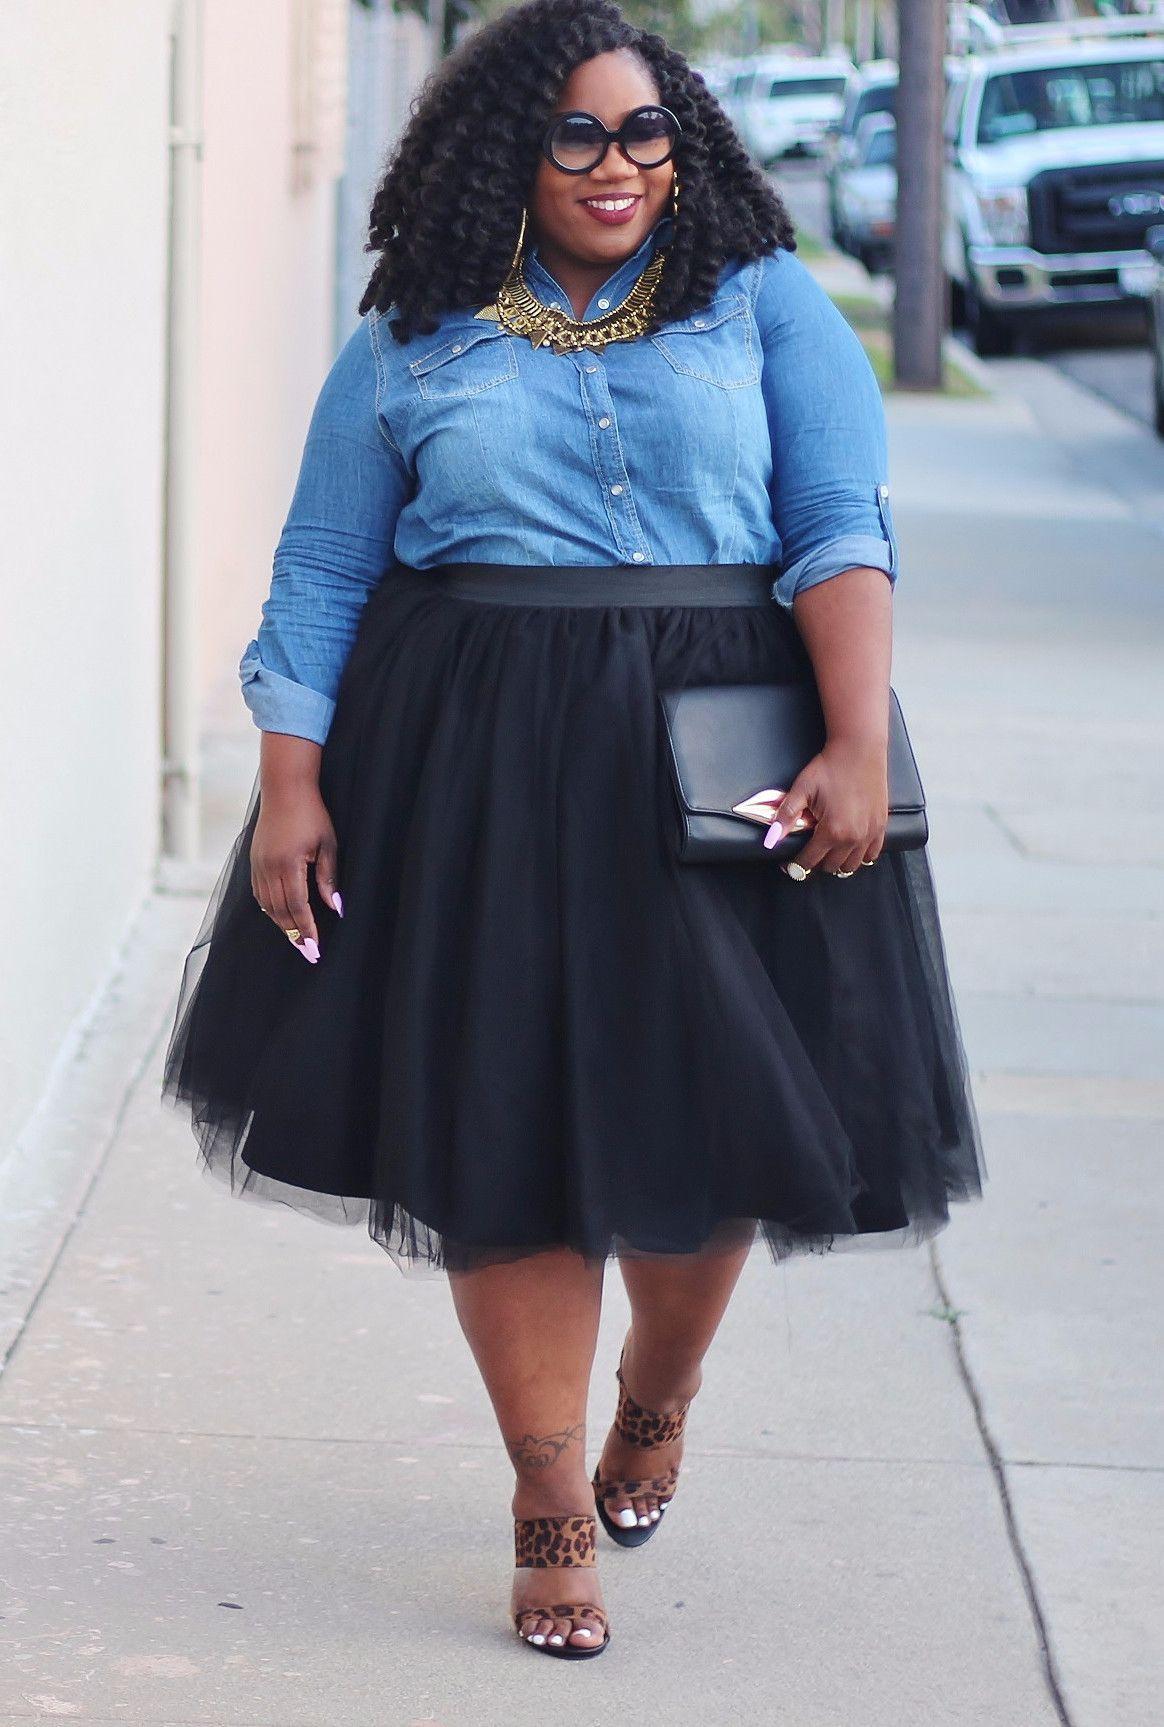 e3a98c4e8 Plus Size Clothing for Women - Society+ Premium Tutu - Black (Sizes 1X -  6X) - Society+ - Society Plus - Buy Online Now!